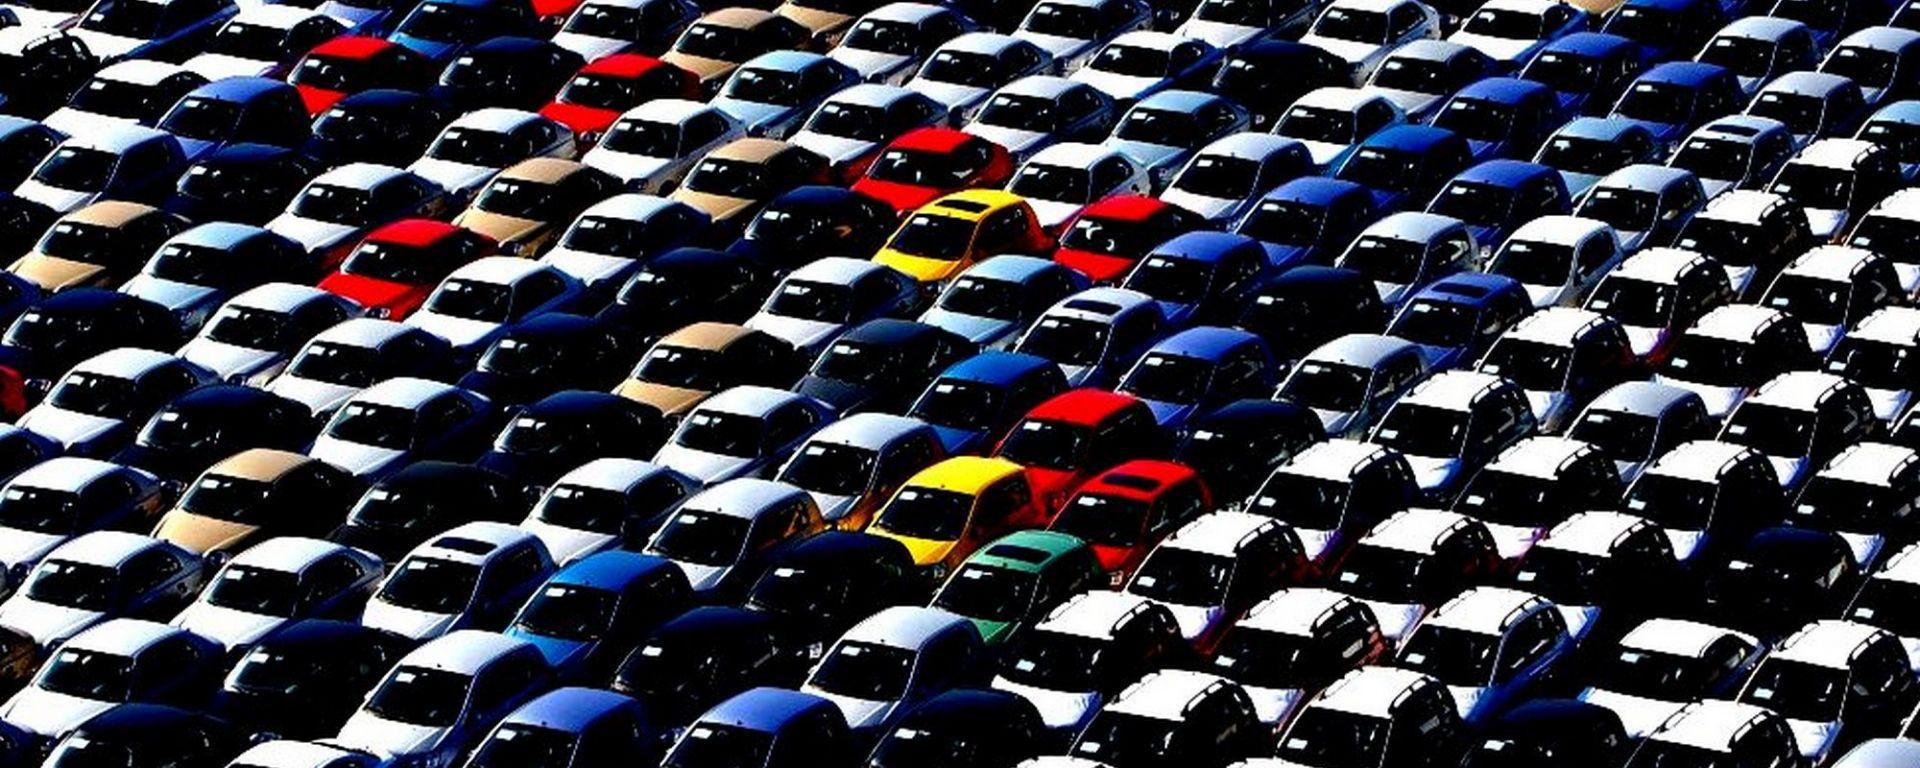 Mercato Auto: a marzo calo del 5,7%